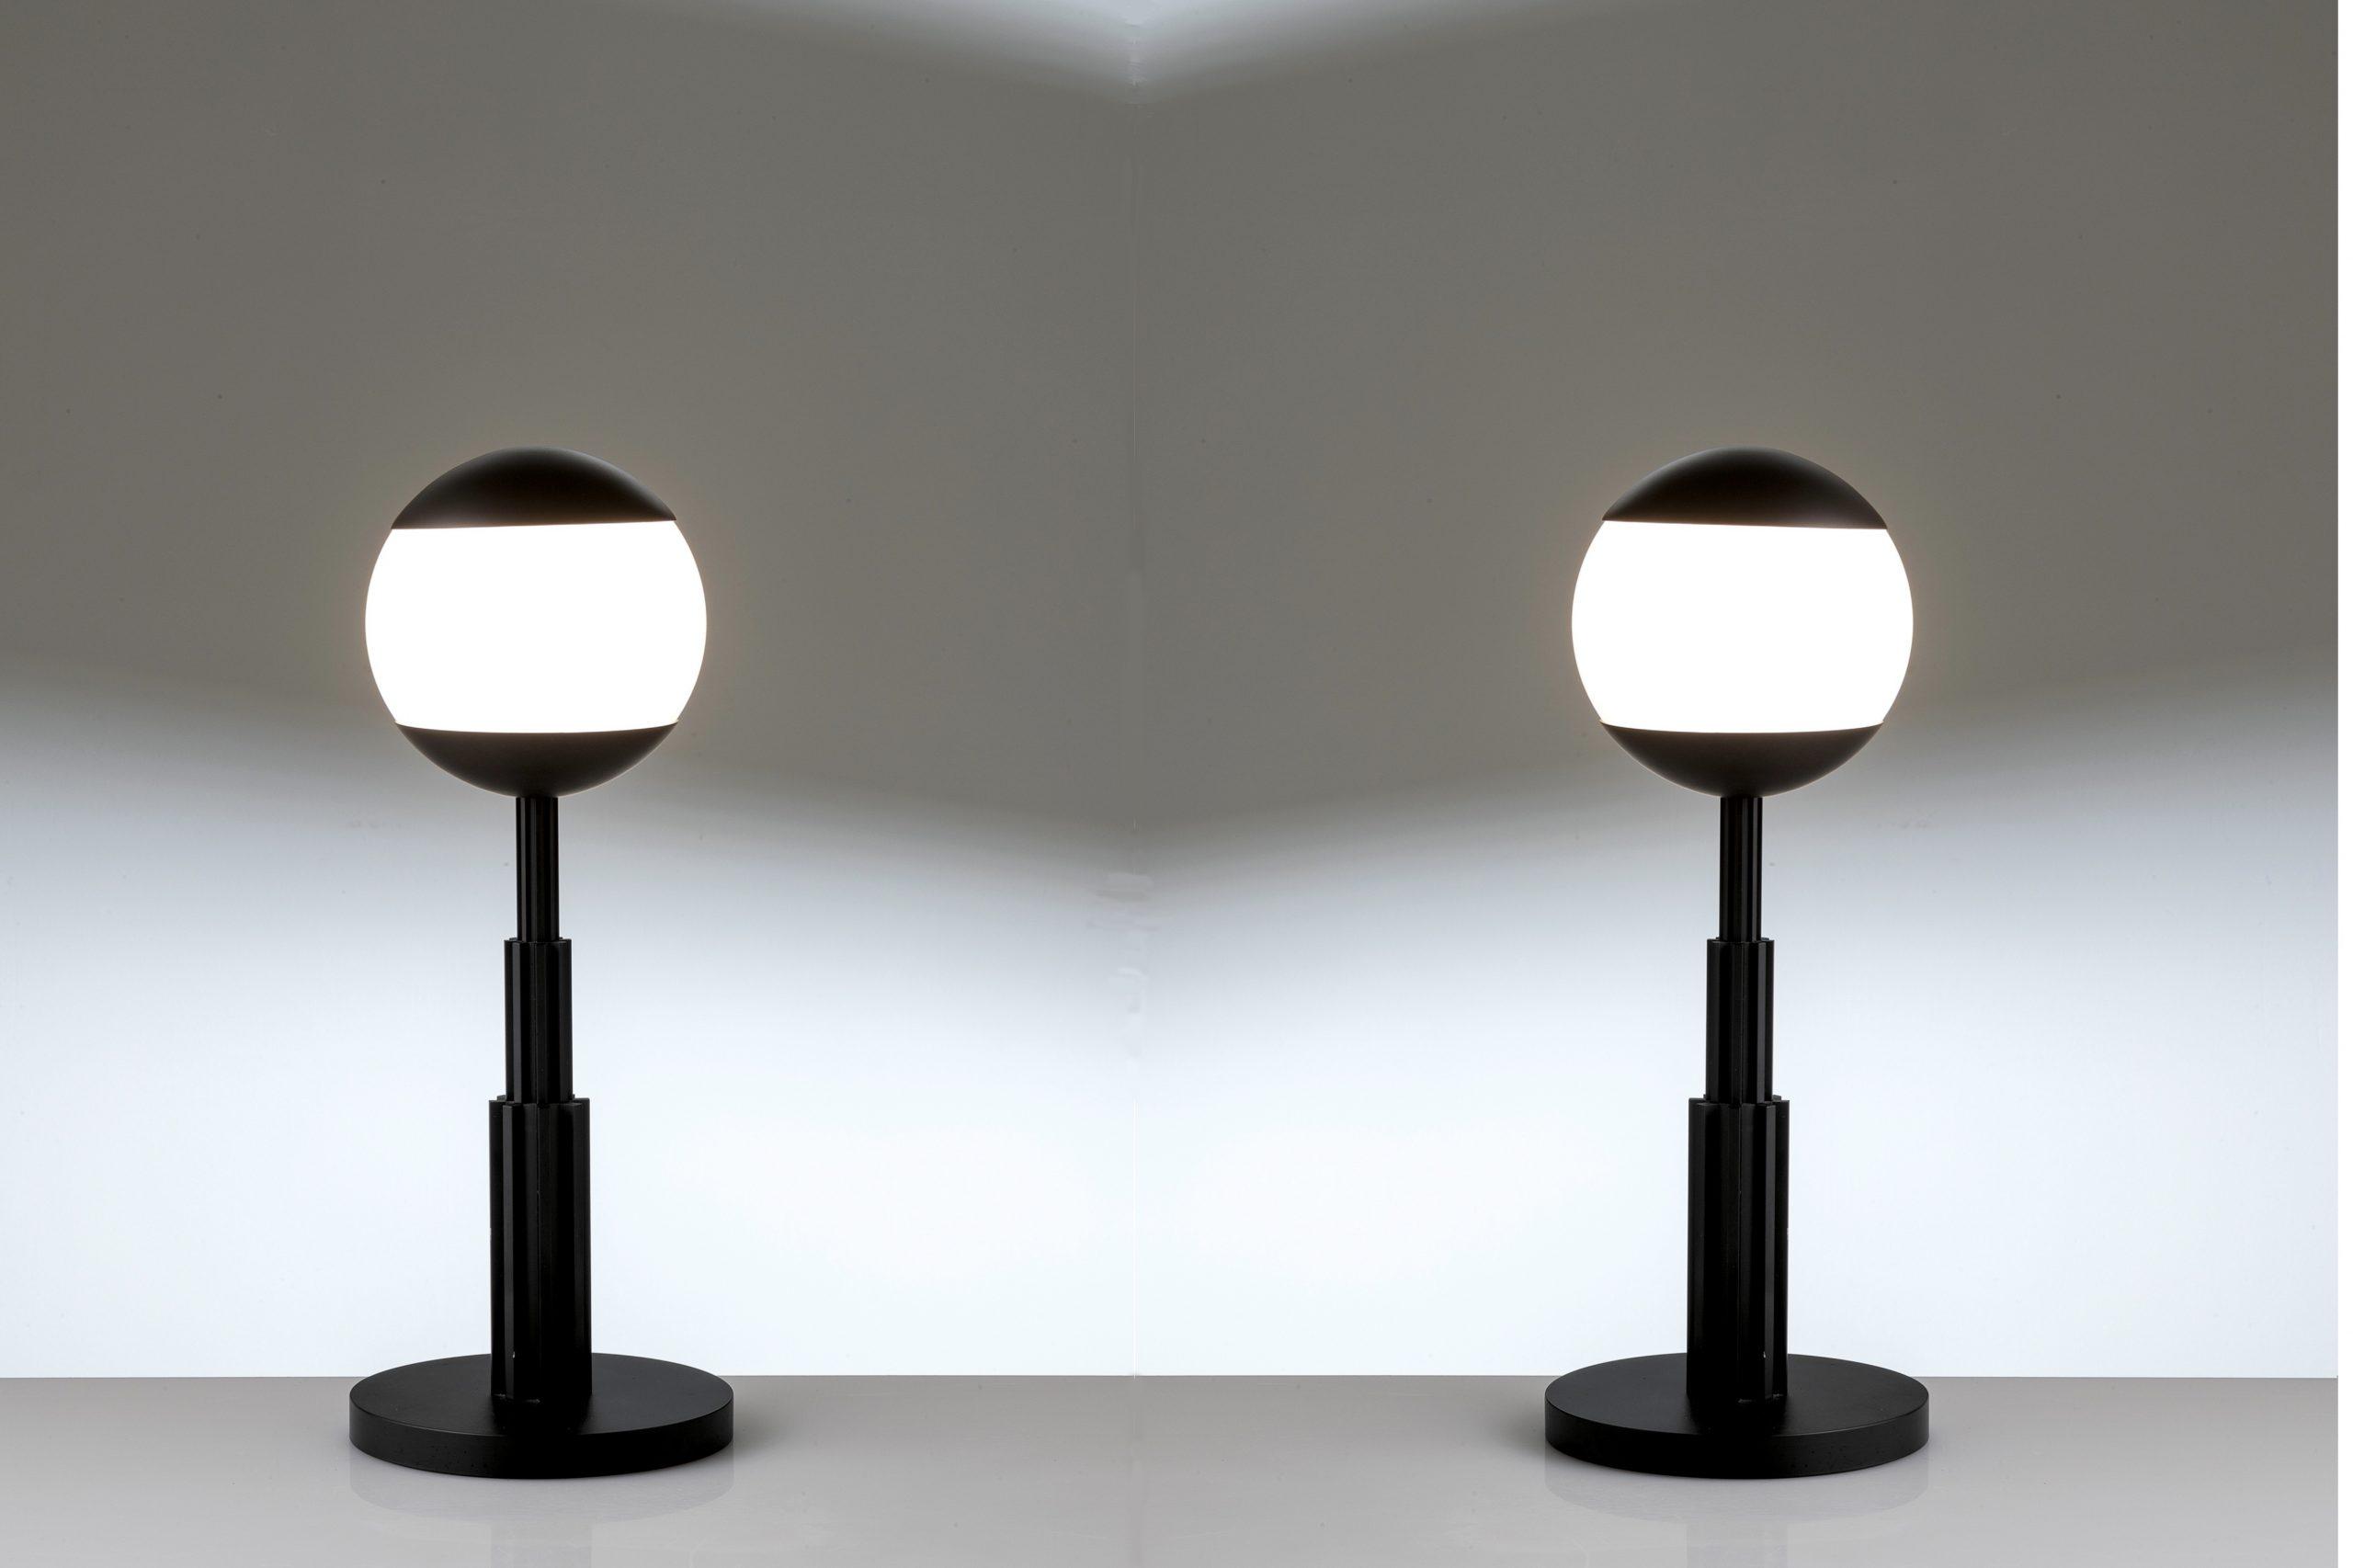 Aldo Rossi |                              Pair of Prometeo table lamps